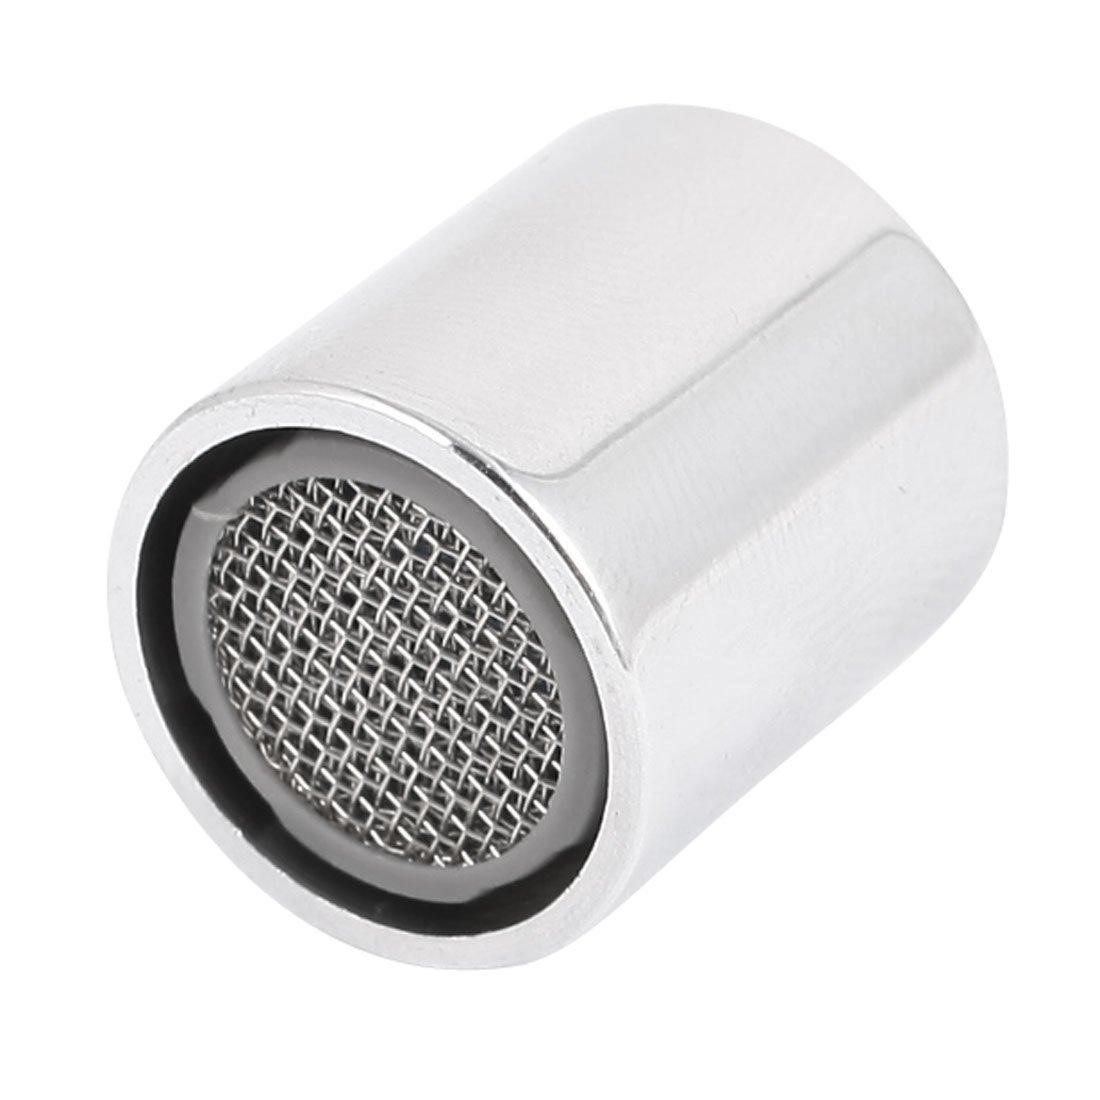 D'é conomie d'eau robinet robinet bec aé rateur buse 16 mm filetage femelle Sourcingmap a14080400ux0098